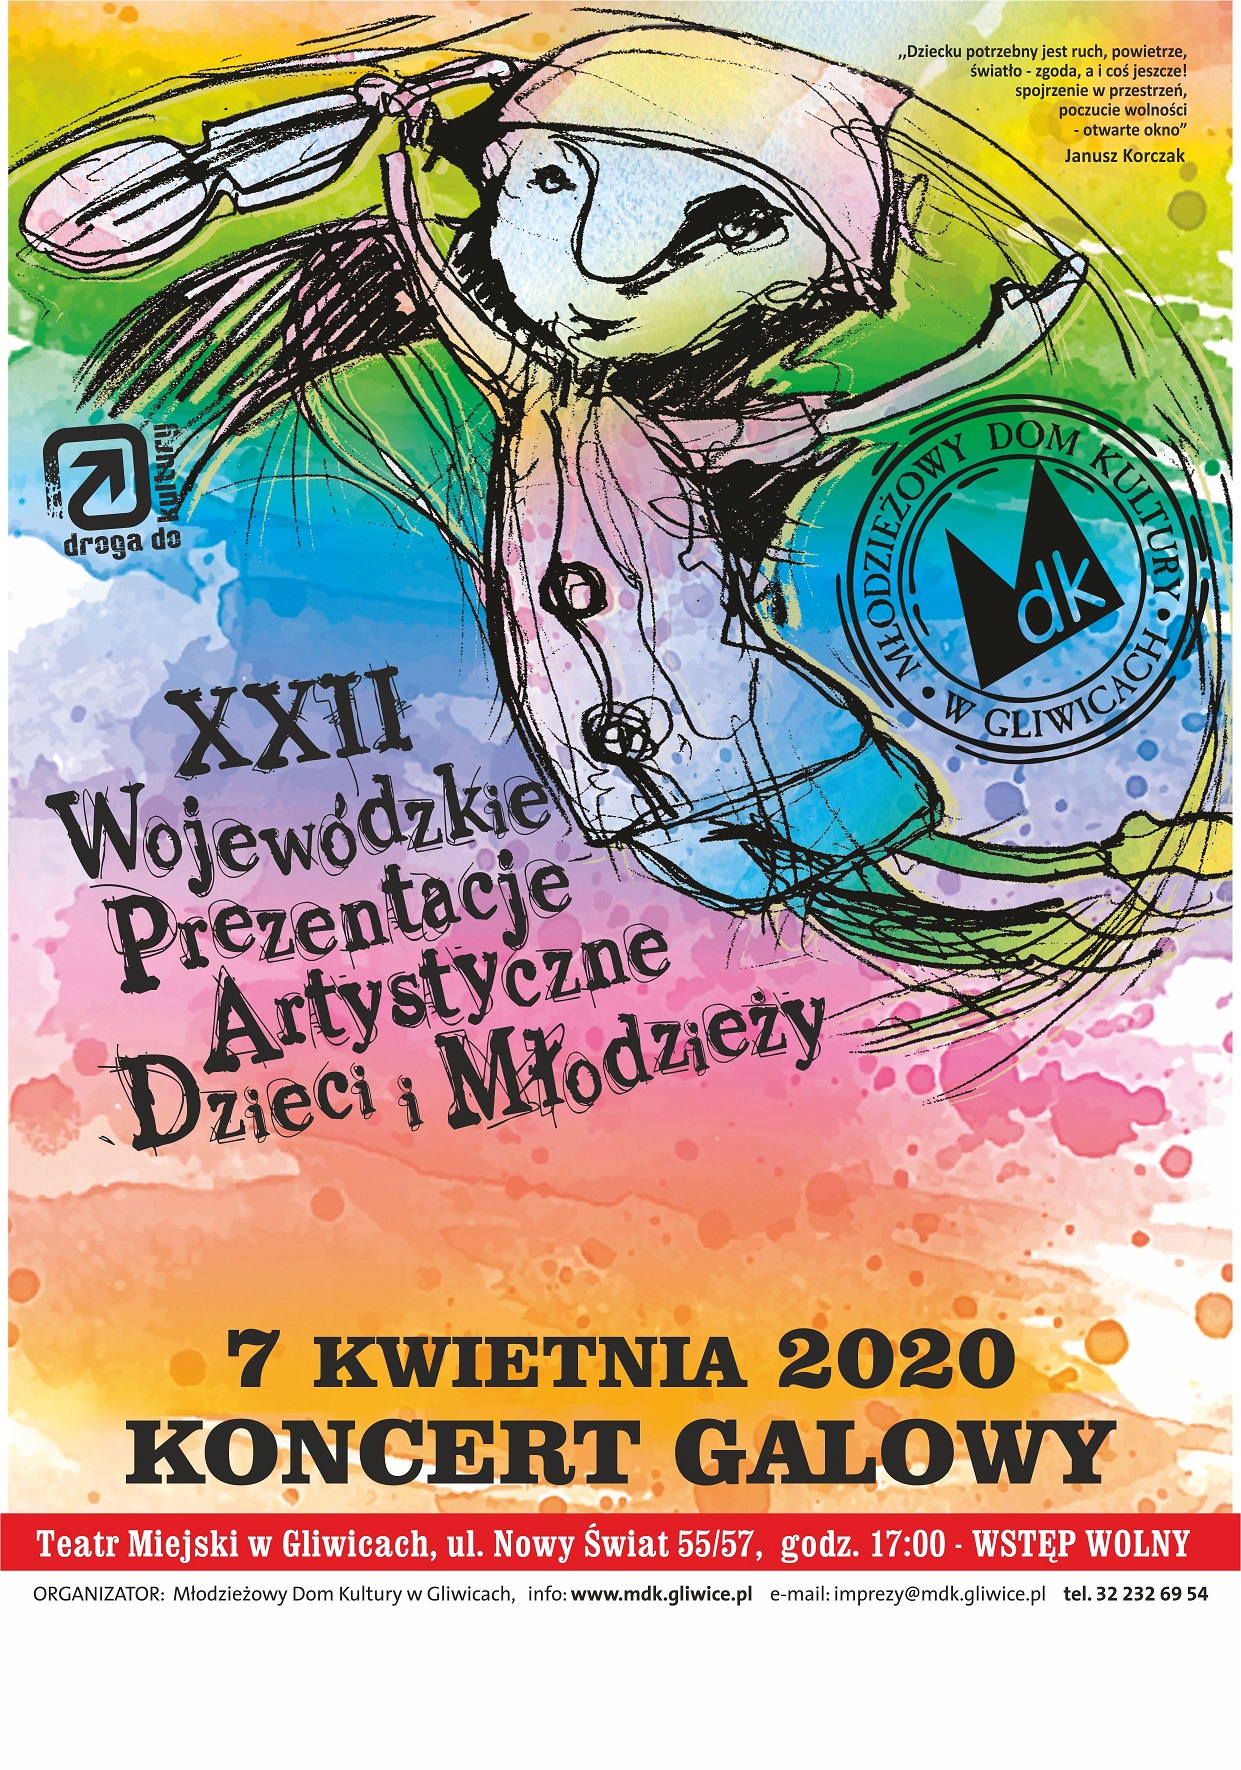 Prezentacje Artystyczne - wielkie Święto Tańca i Muzyki. Gliwice